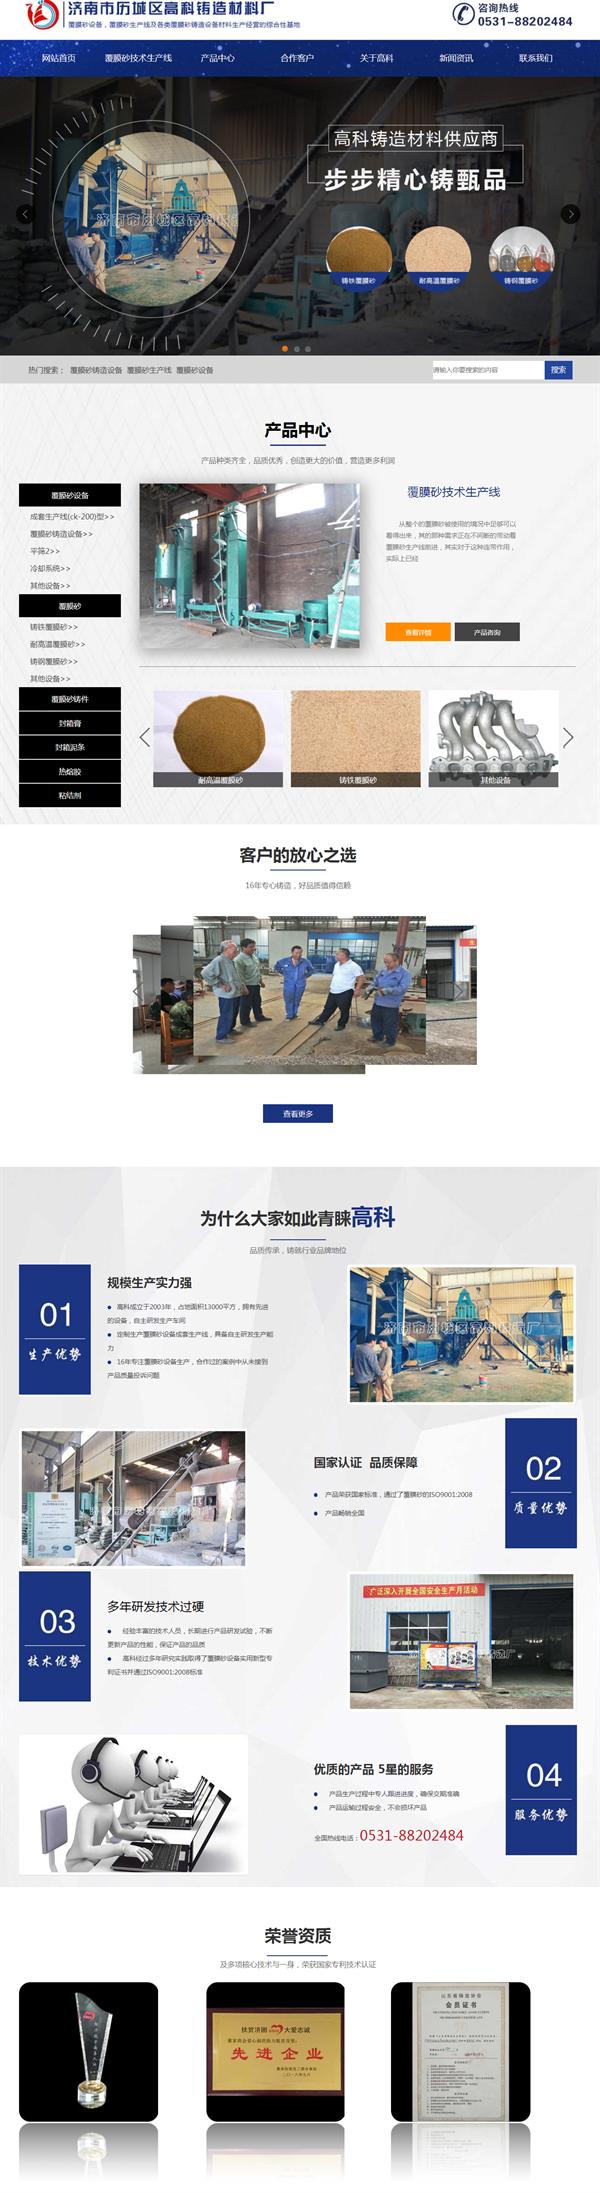 覆膜砂设备,覆膜砂生产线,覆膜砂铸造设备_看图王.png